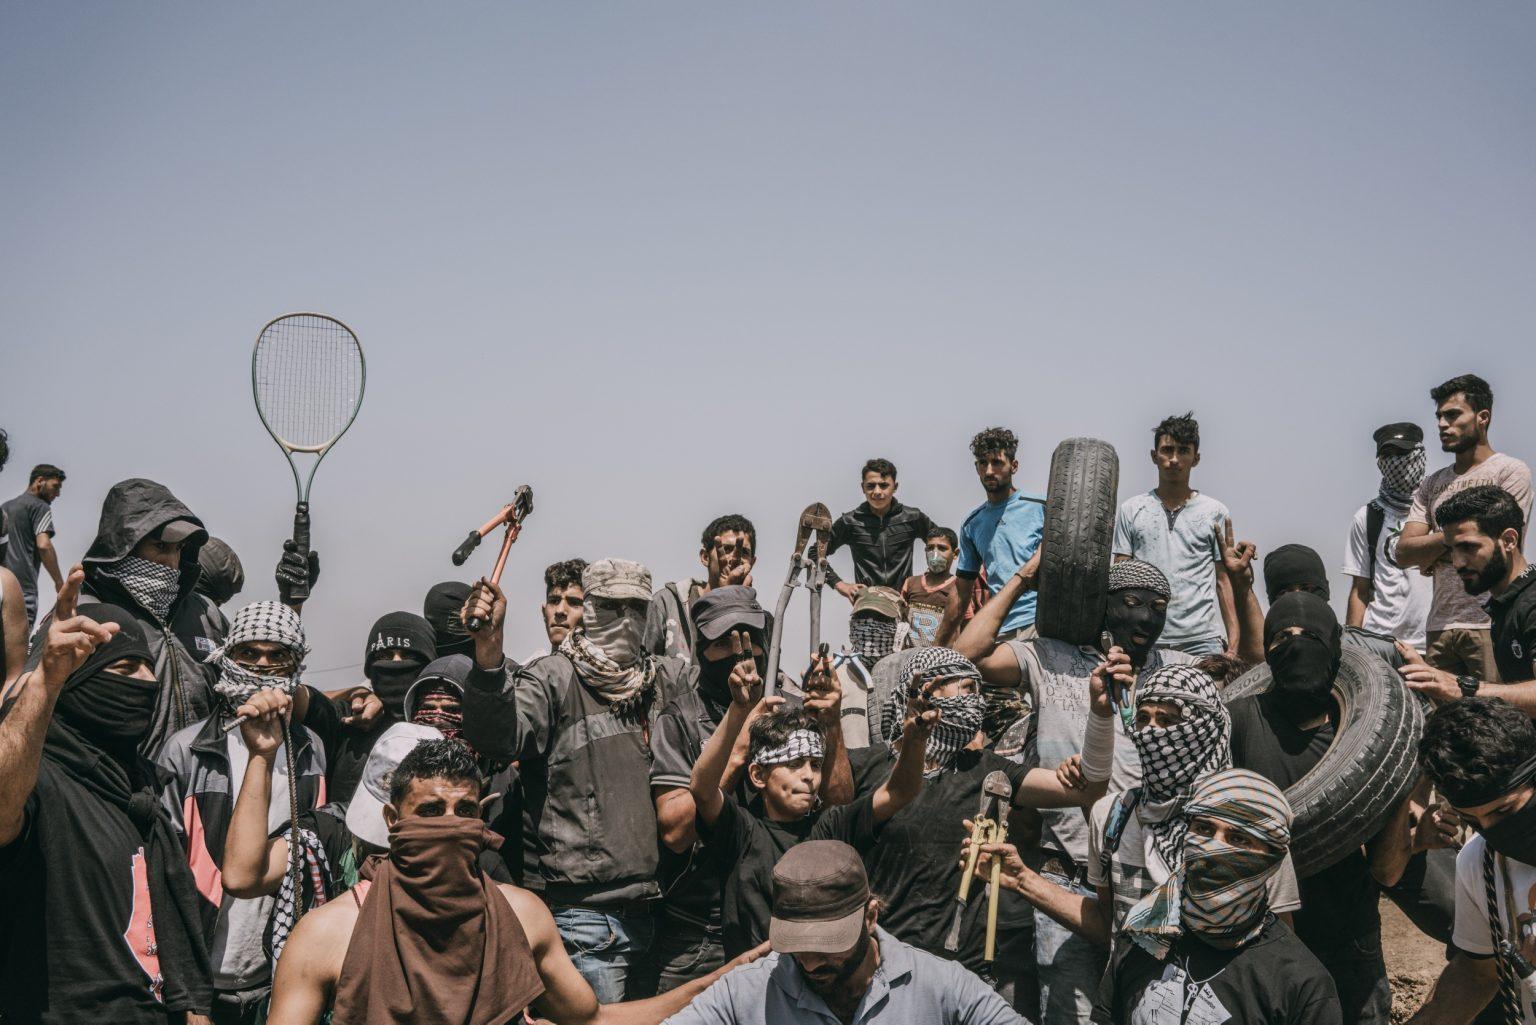 Gaza Strip, May 2018 - Palestinian protesters along the Gaza-Israel border. >< Striscia di Gaza, maggio 2018 - Manifestanti palestinesi lungo il confine tra Gaza e Israele.